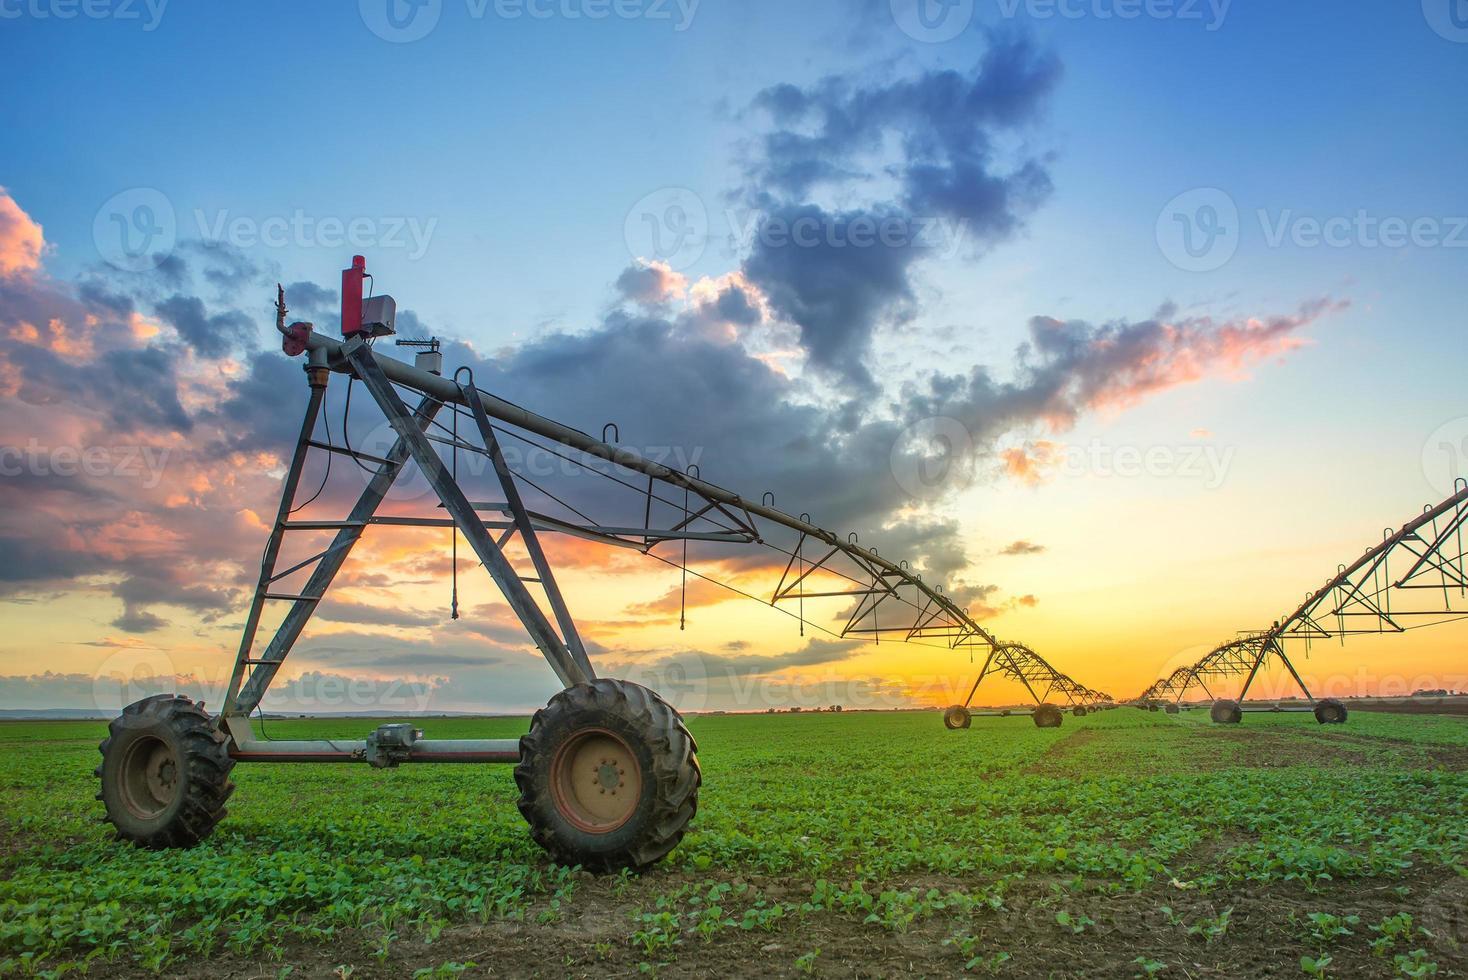 geautomatiseerd landbouwirrigatiesysteem bij zonsondergang foto